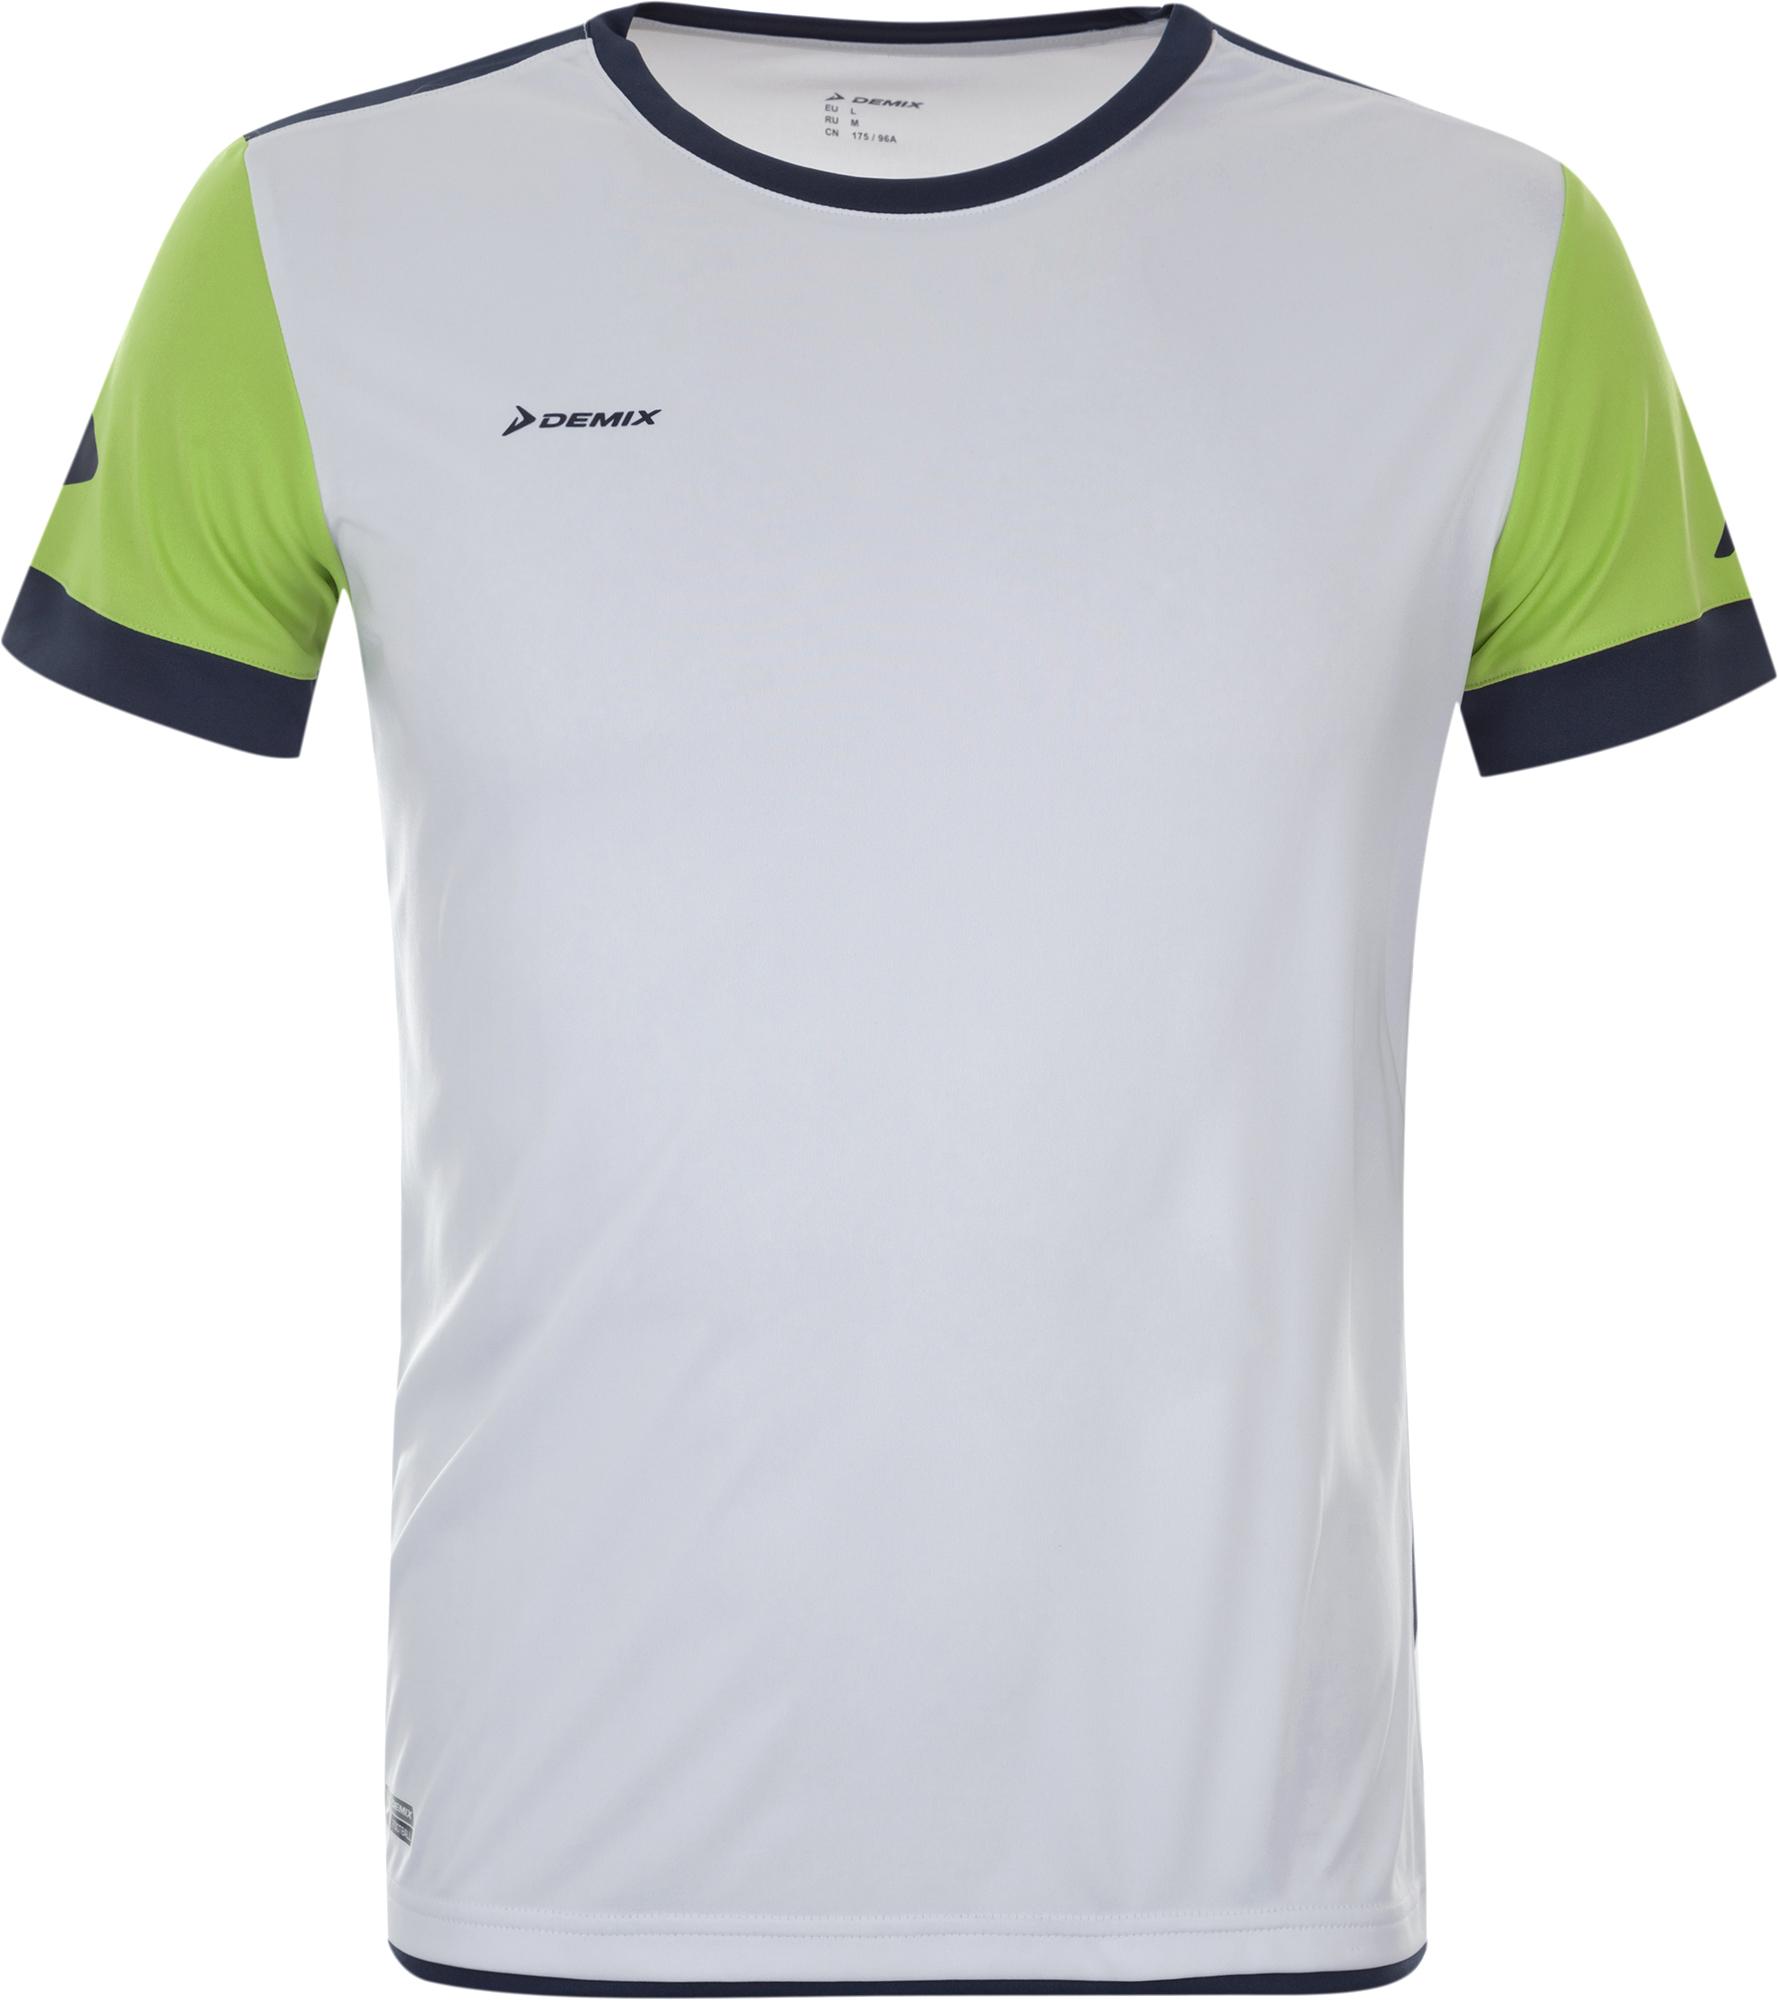 Demix Футболка мужская Demix, размер 50